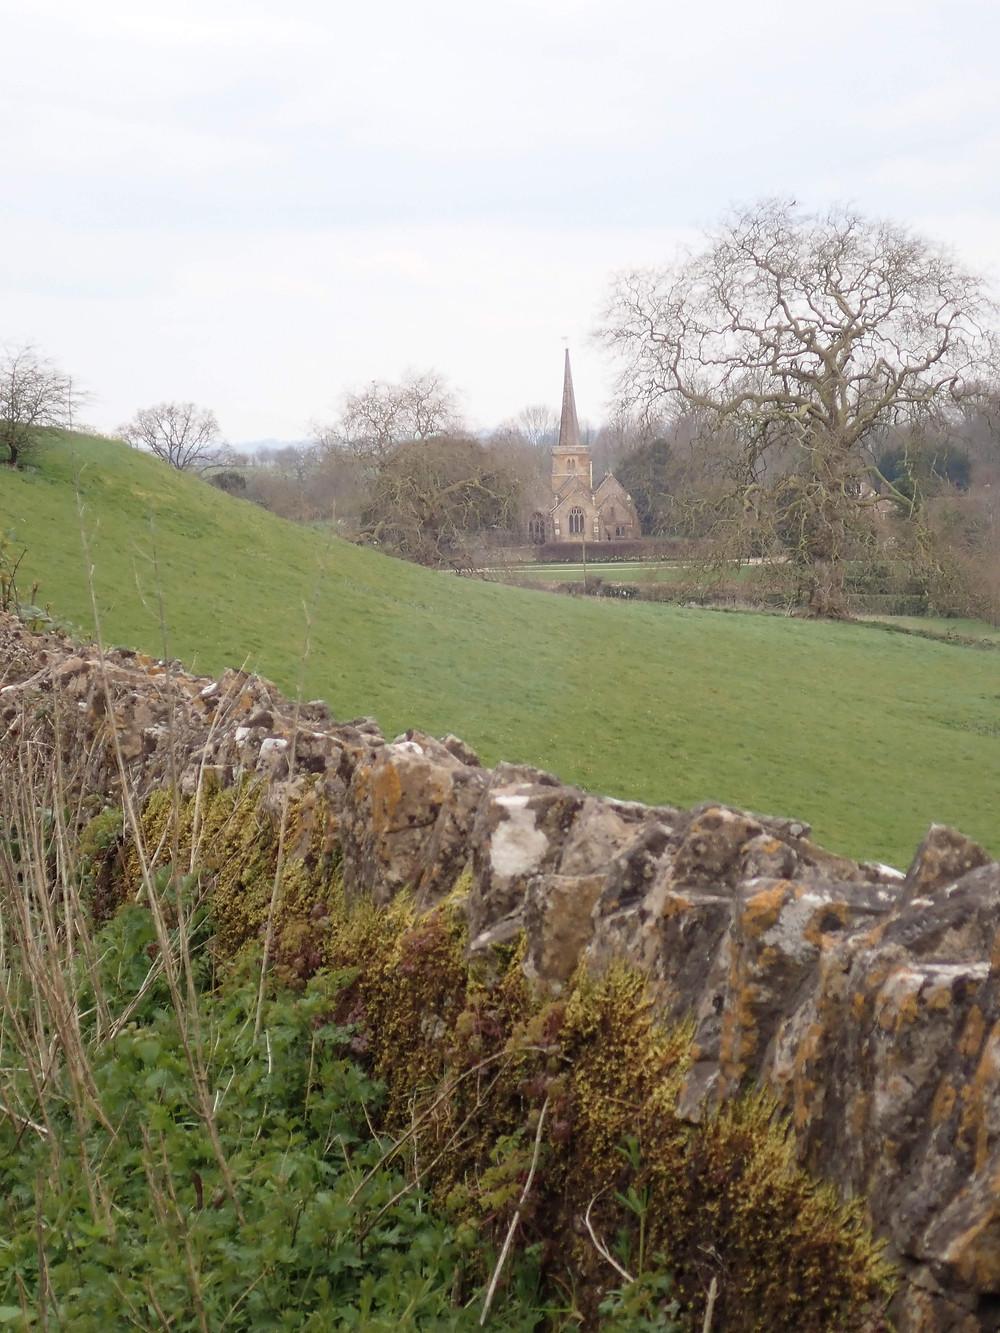 A distant church spire